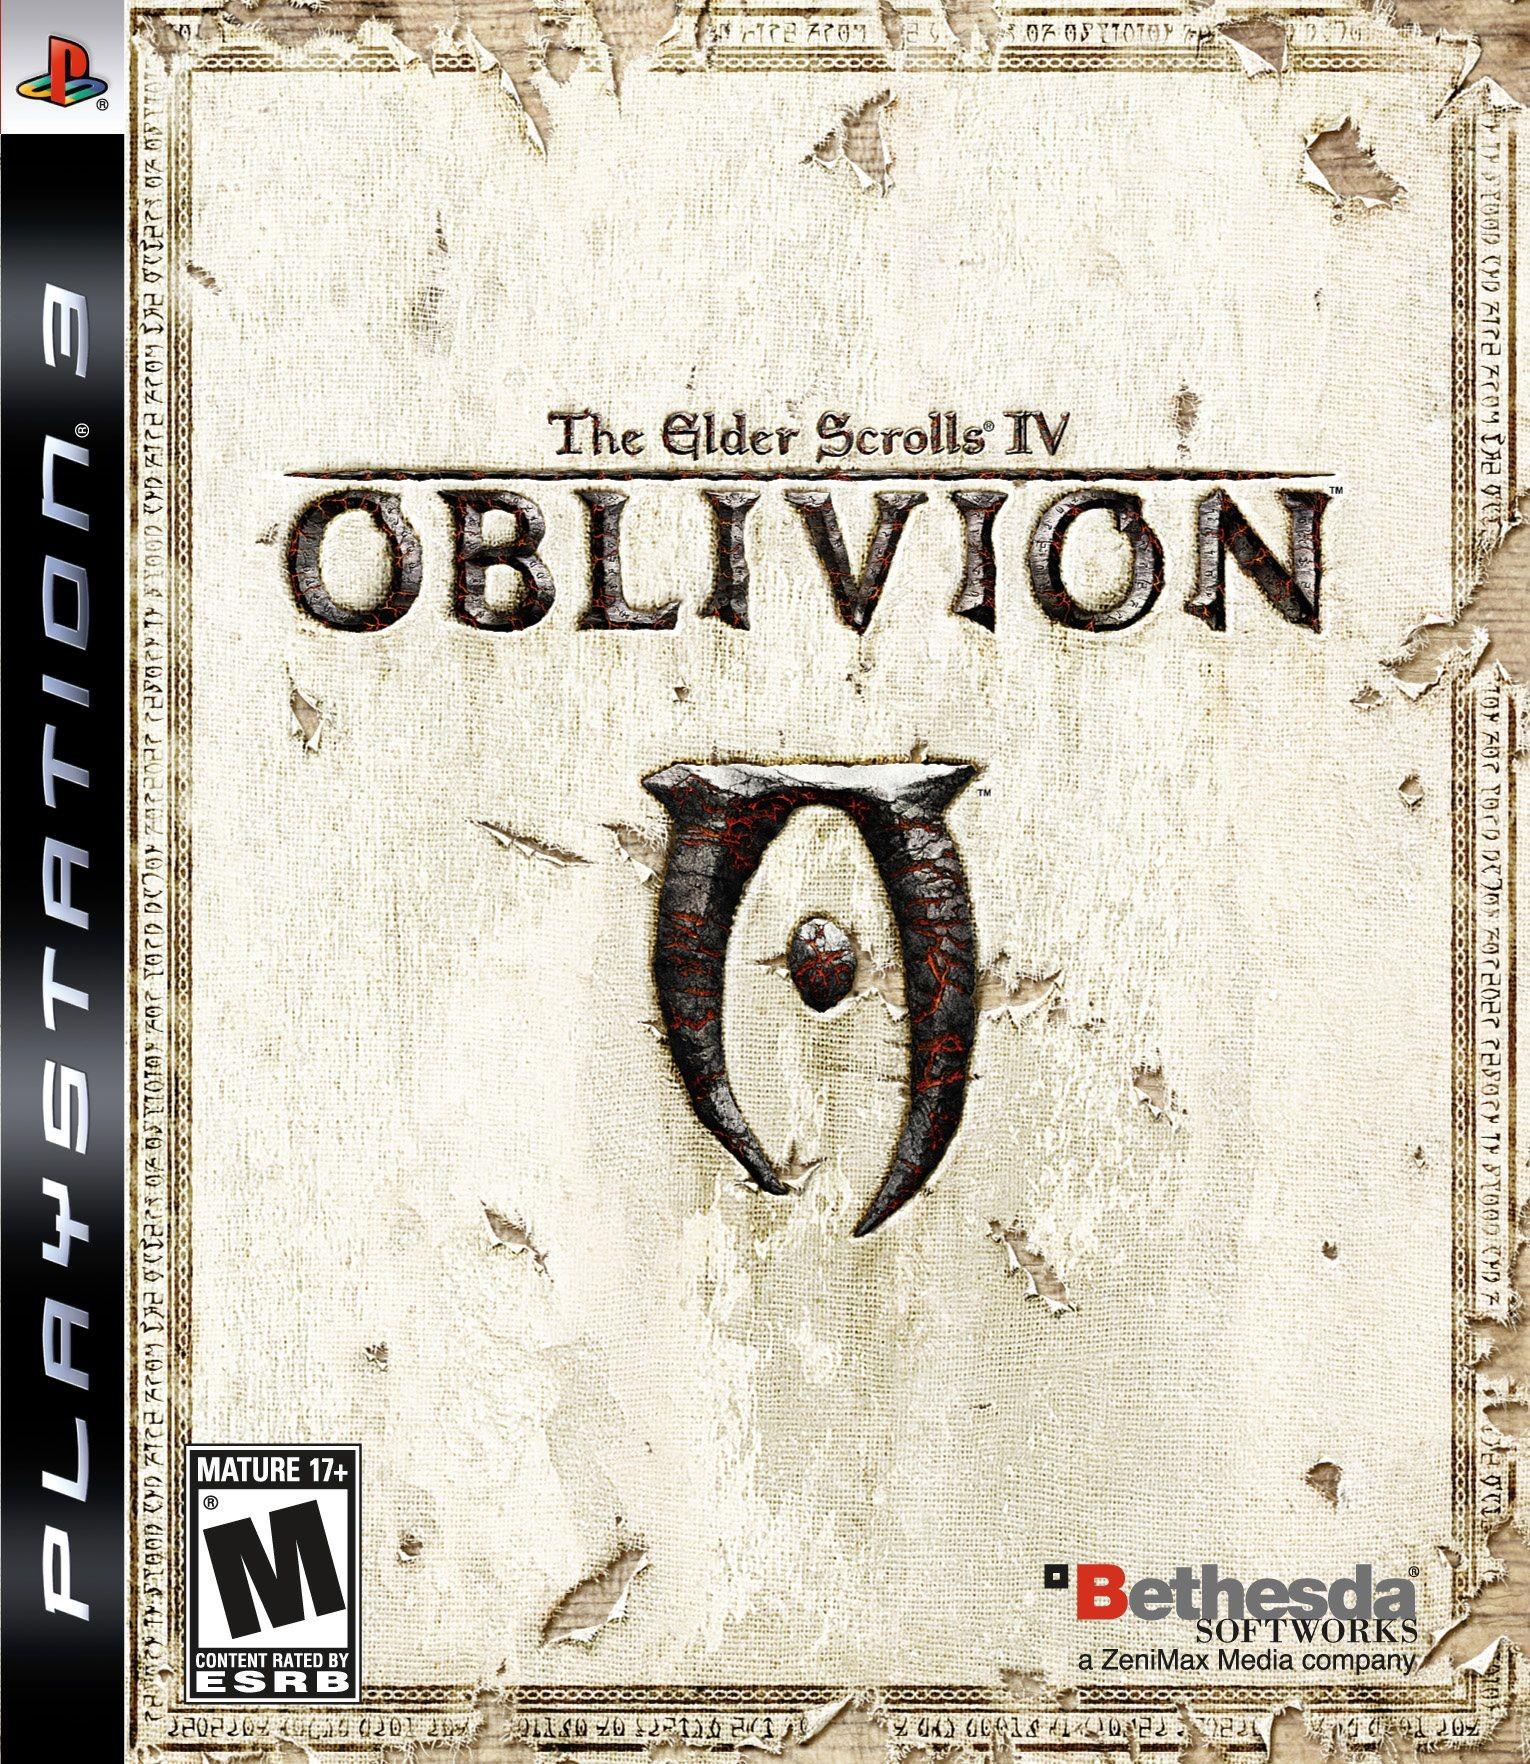 The Elder Scrolls IV Oblivion б/в PS3